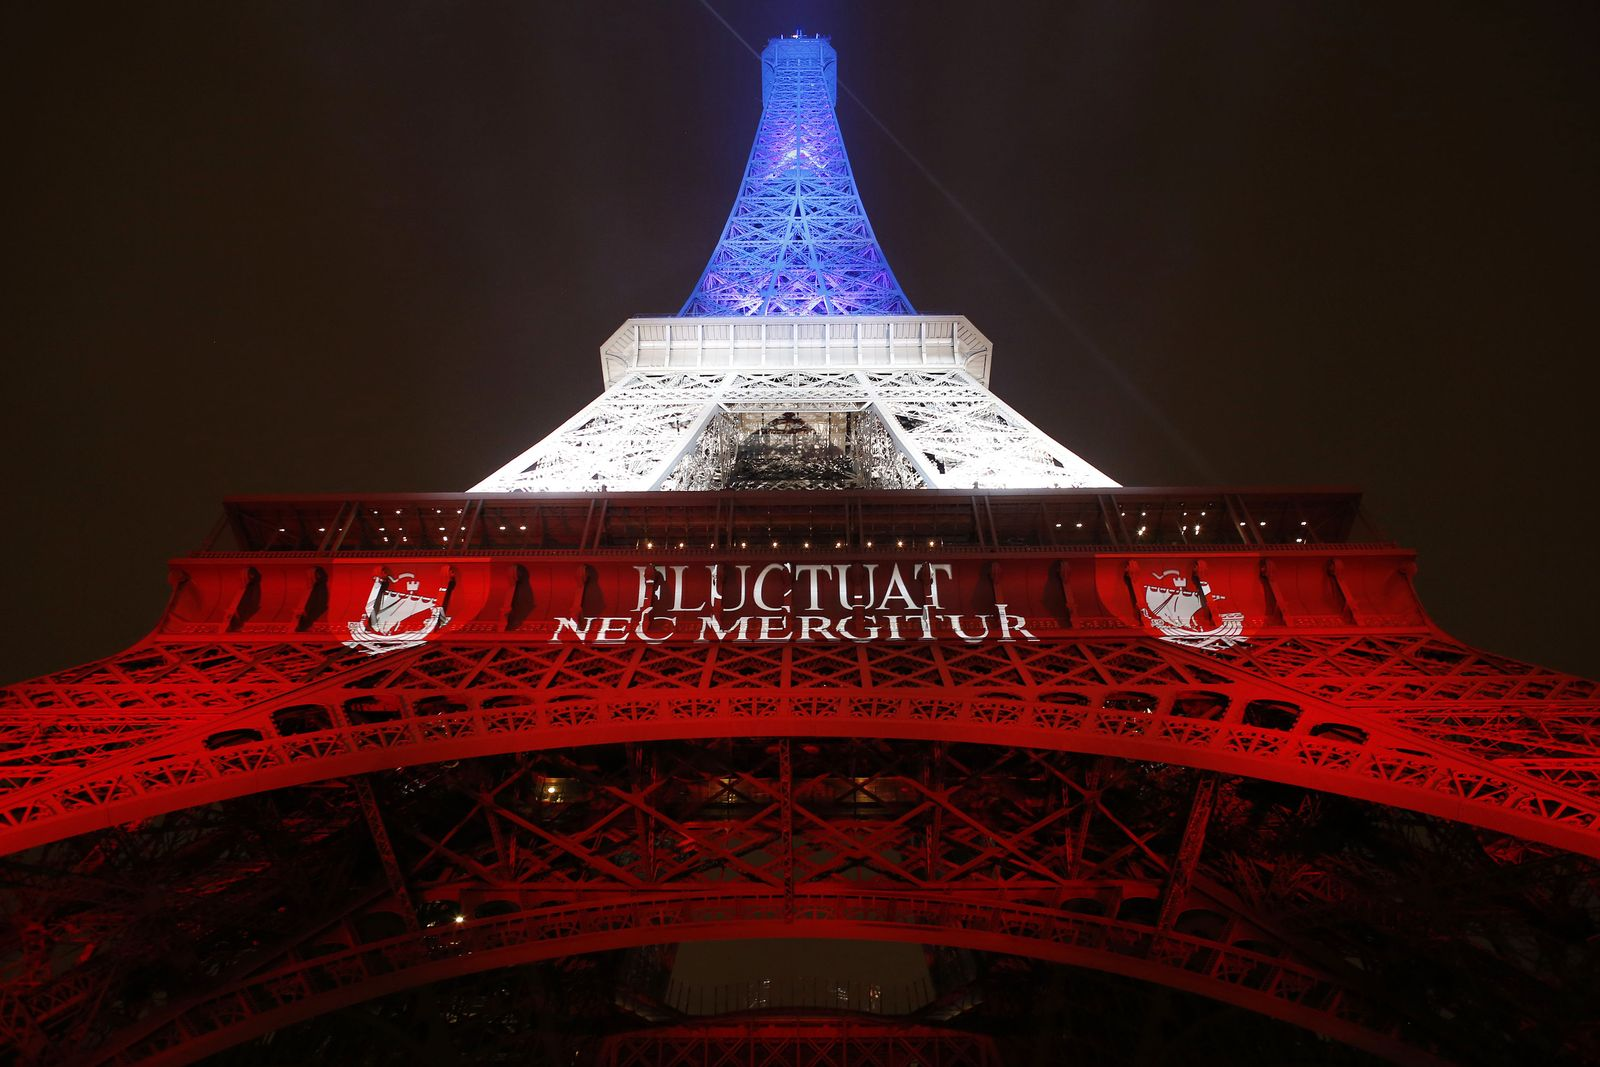 Eiffelturm / Anschläge